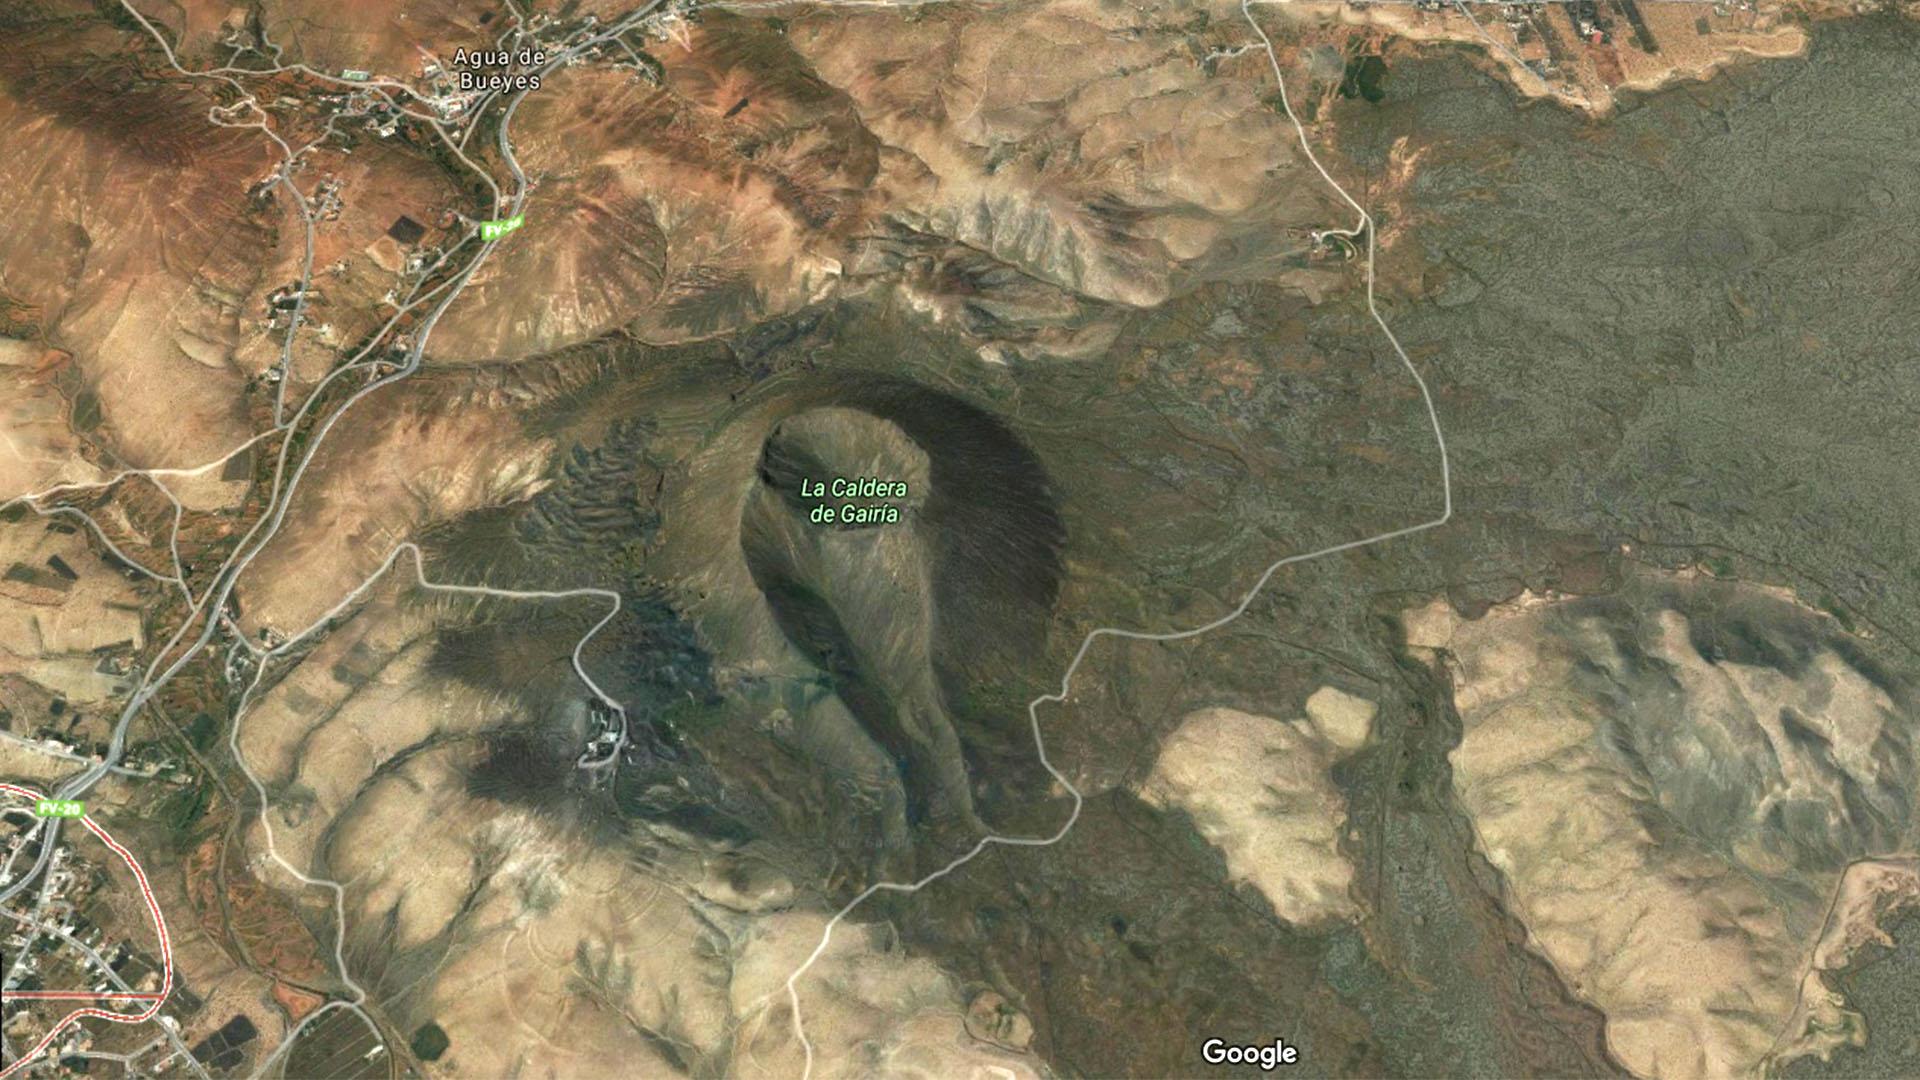 Der alte Vulkankegel Caldera de Gairía bei Agua de Bueyes Fuerteventura. Im Inneren des Kraters findet sich eine alte Majorero Siedlung.